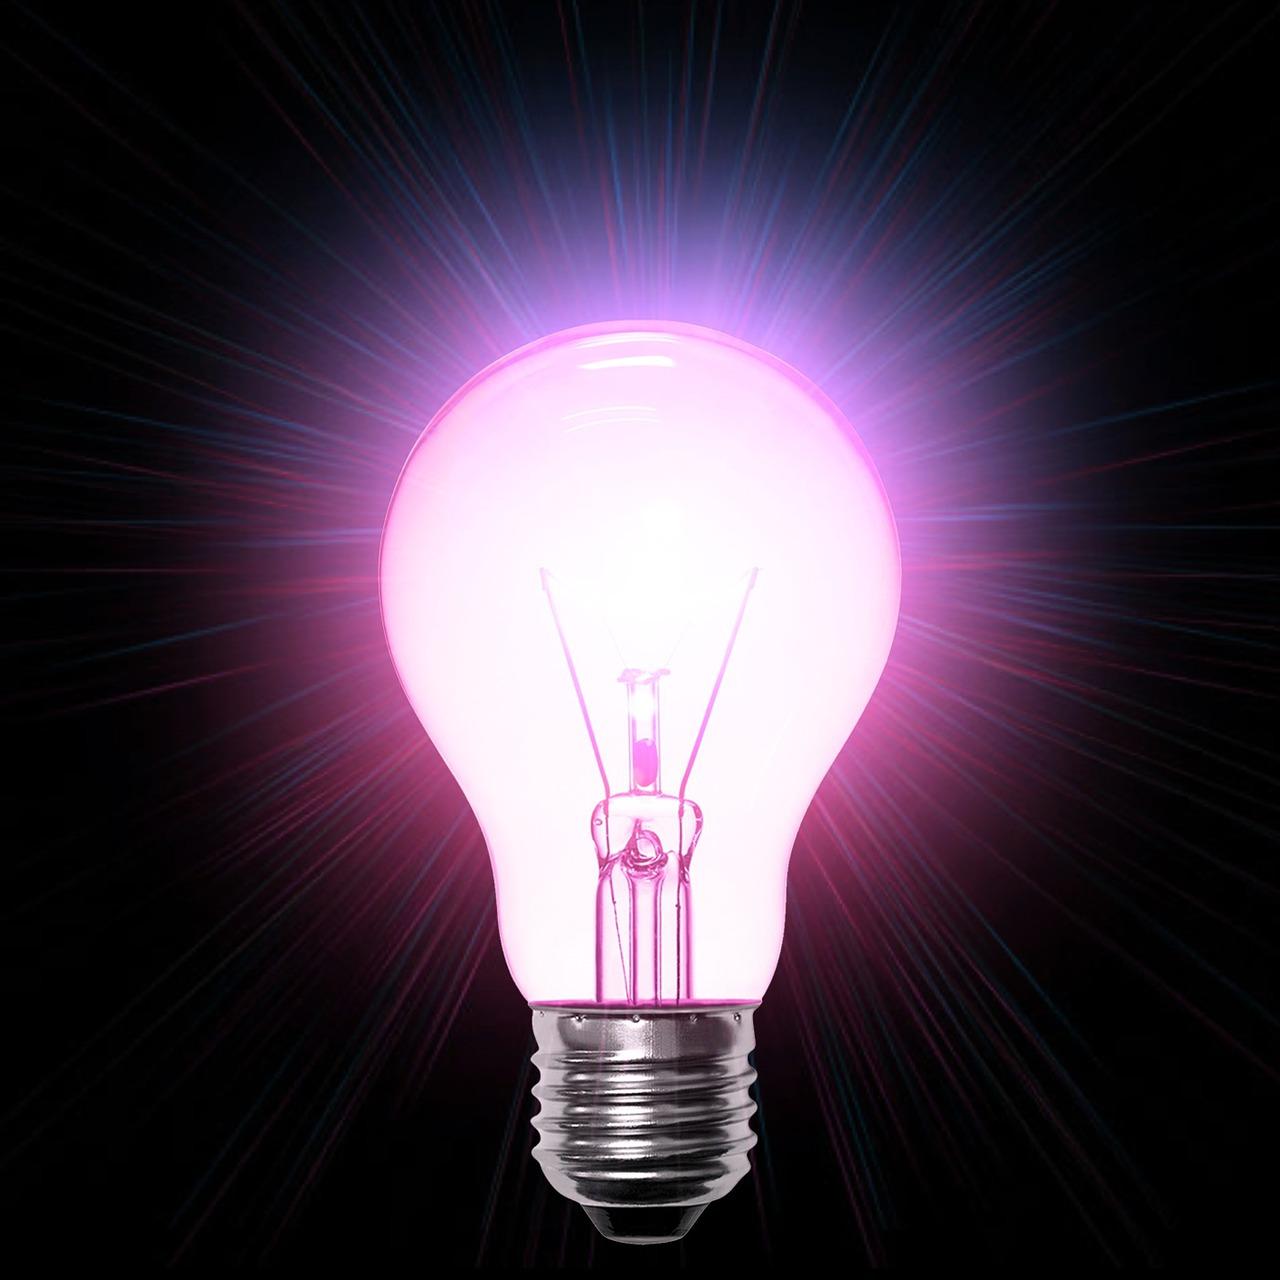 свет освещение картинки юбилейный